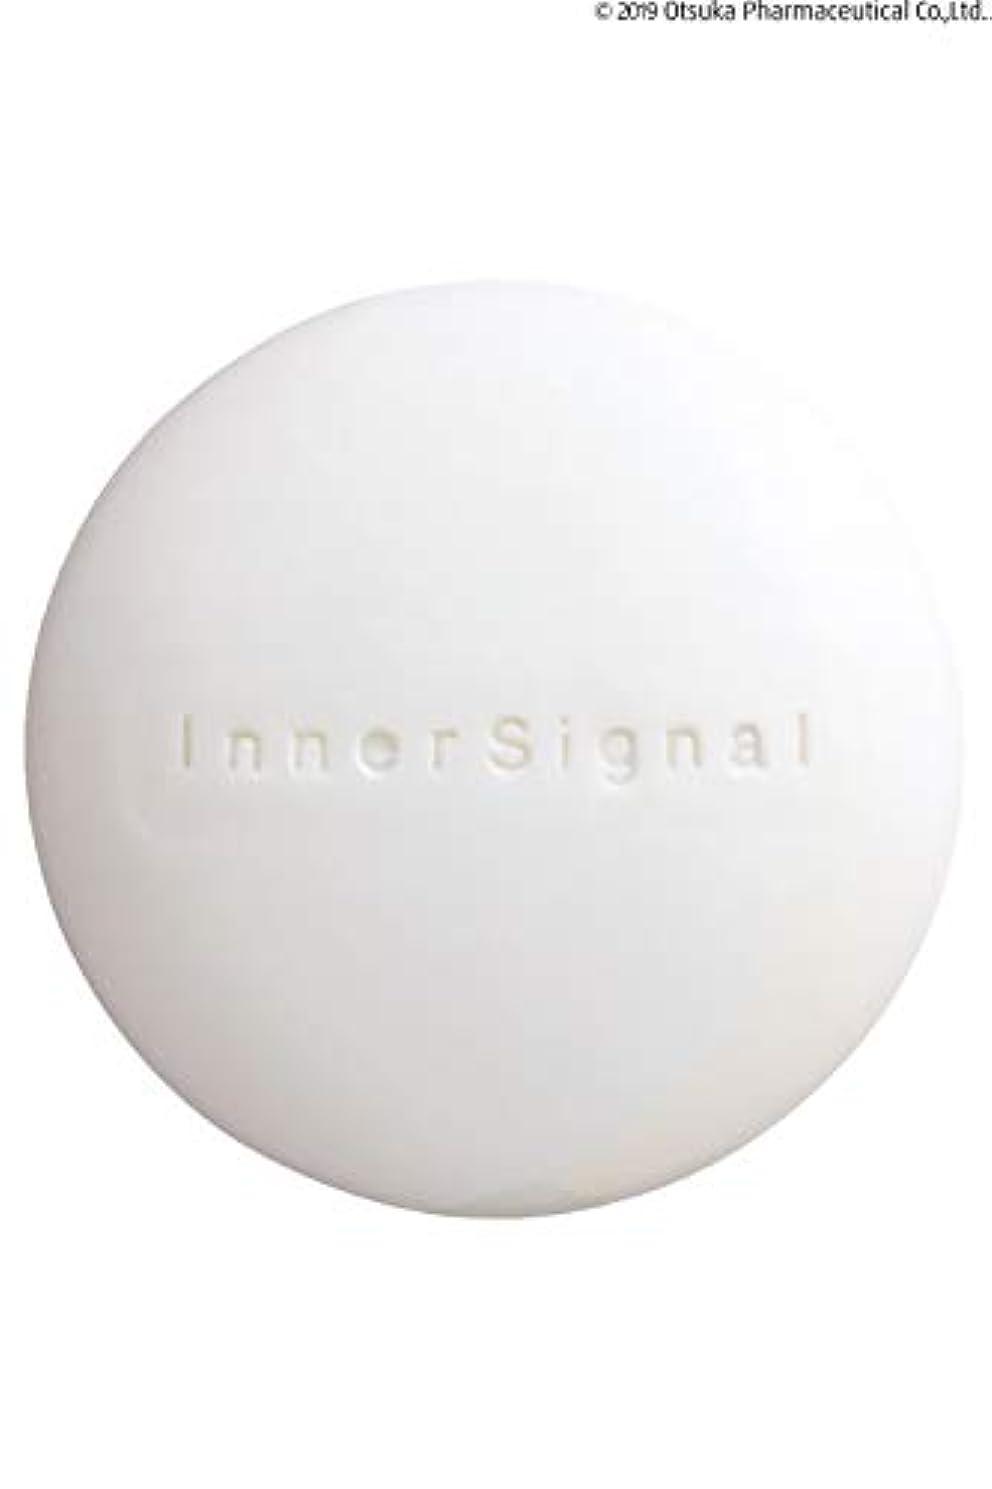 事業内容メモ服を洗う大塚製薬 インナーシグナル ベースソープ 80g (洗顔石けん)52971